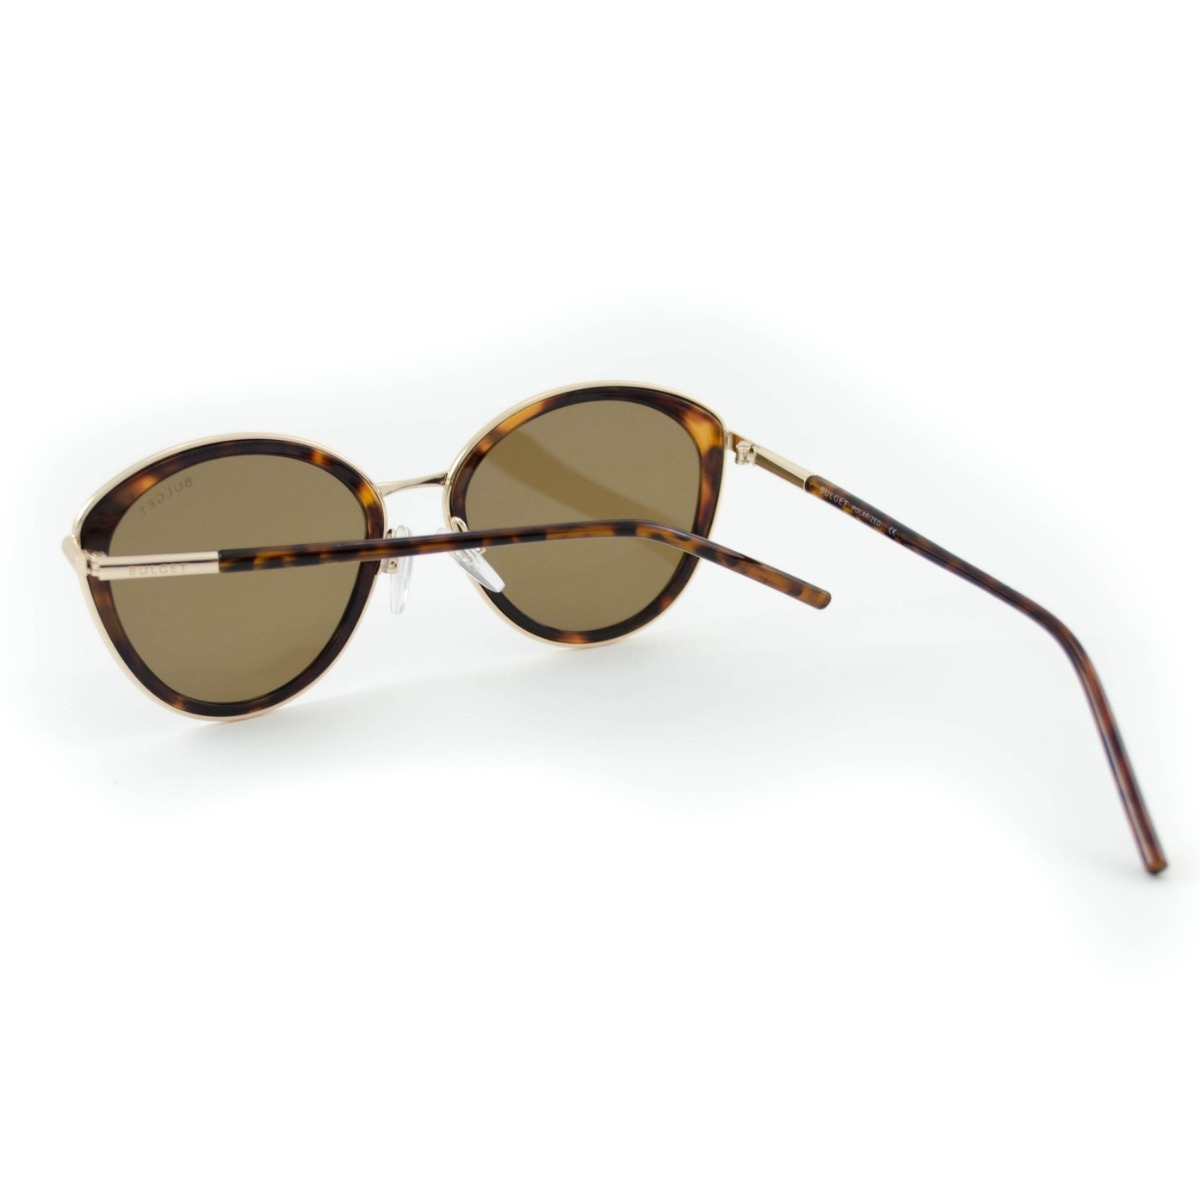 Óculos De Sol Bulget - Bg5142 G21 - Marrom - R  199,99 em Mercado Livre 015ad6be13